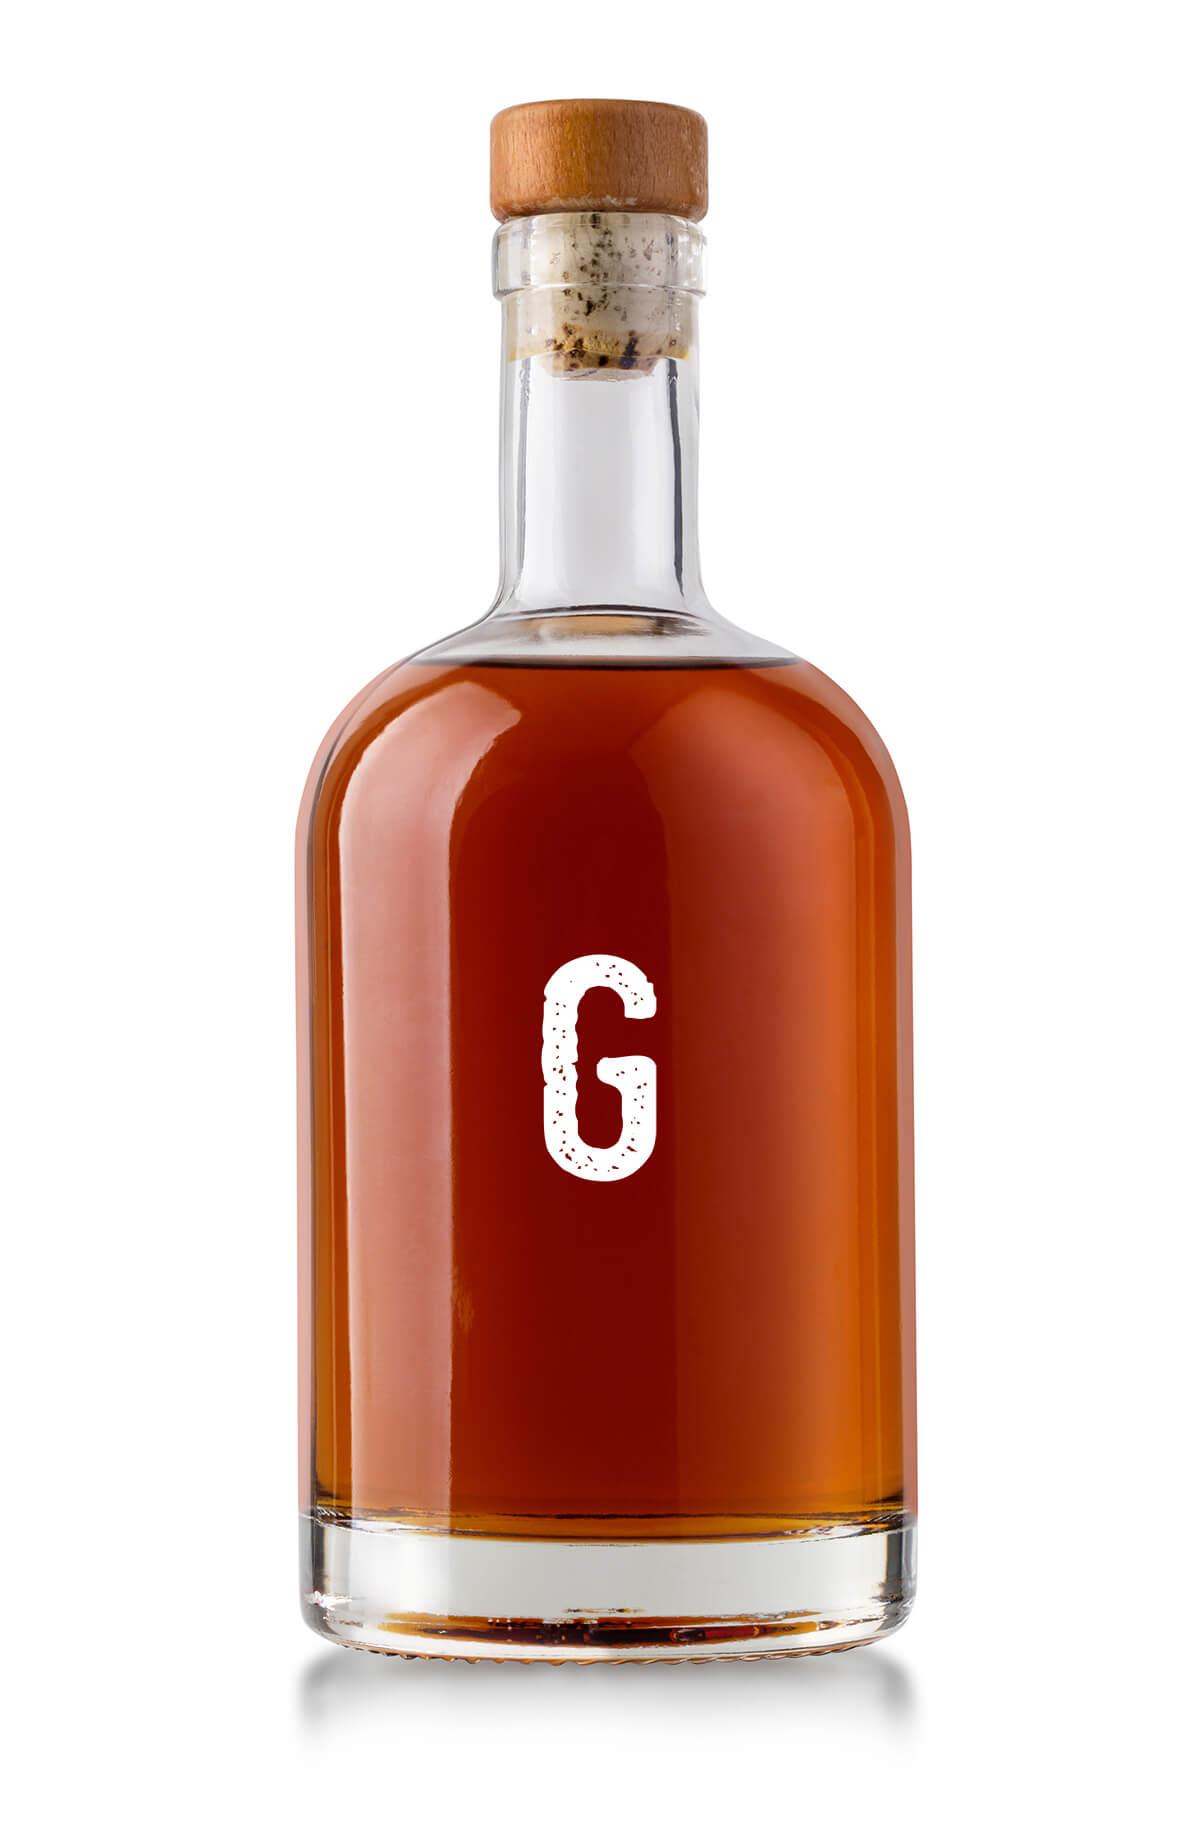 Scottish Single Malt Whisky G